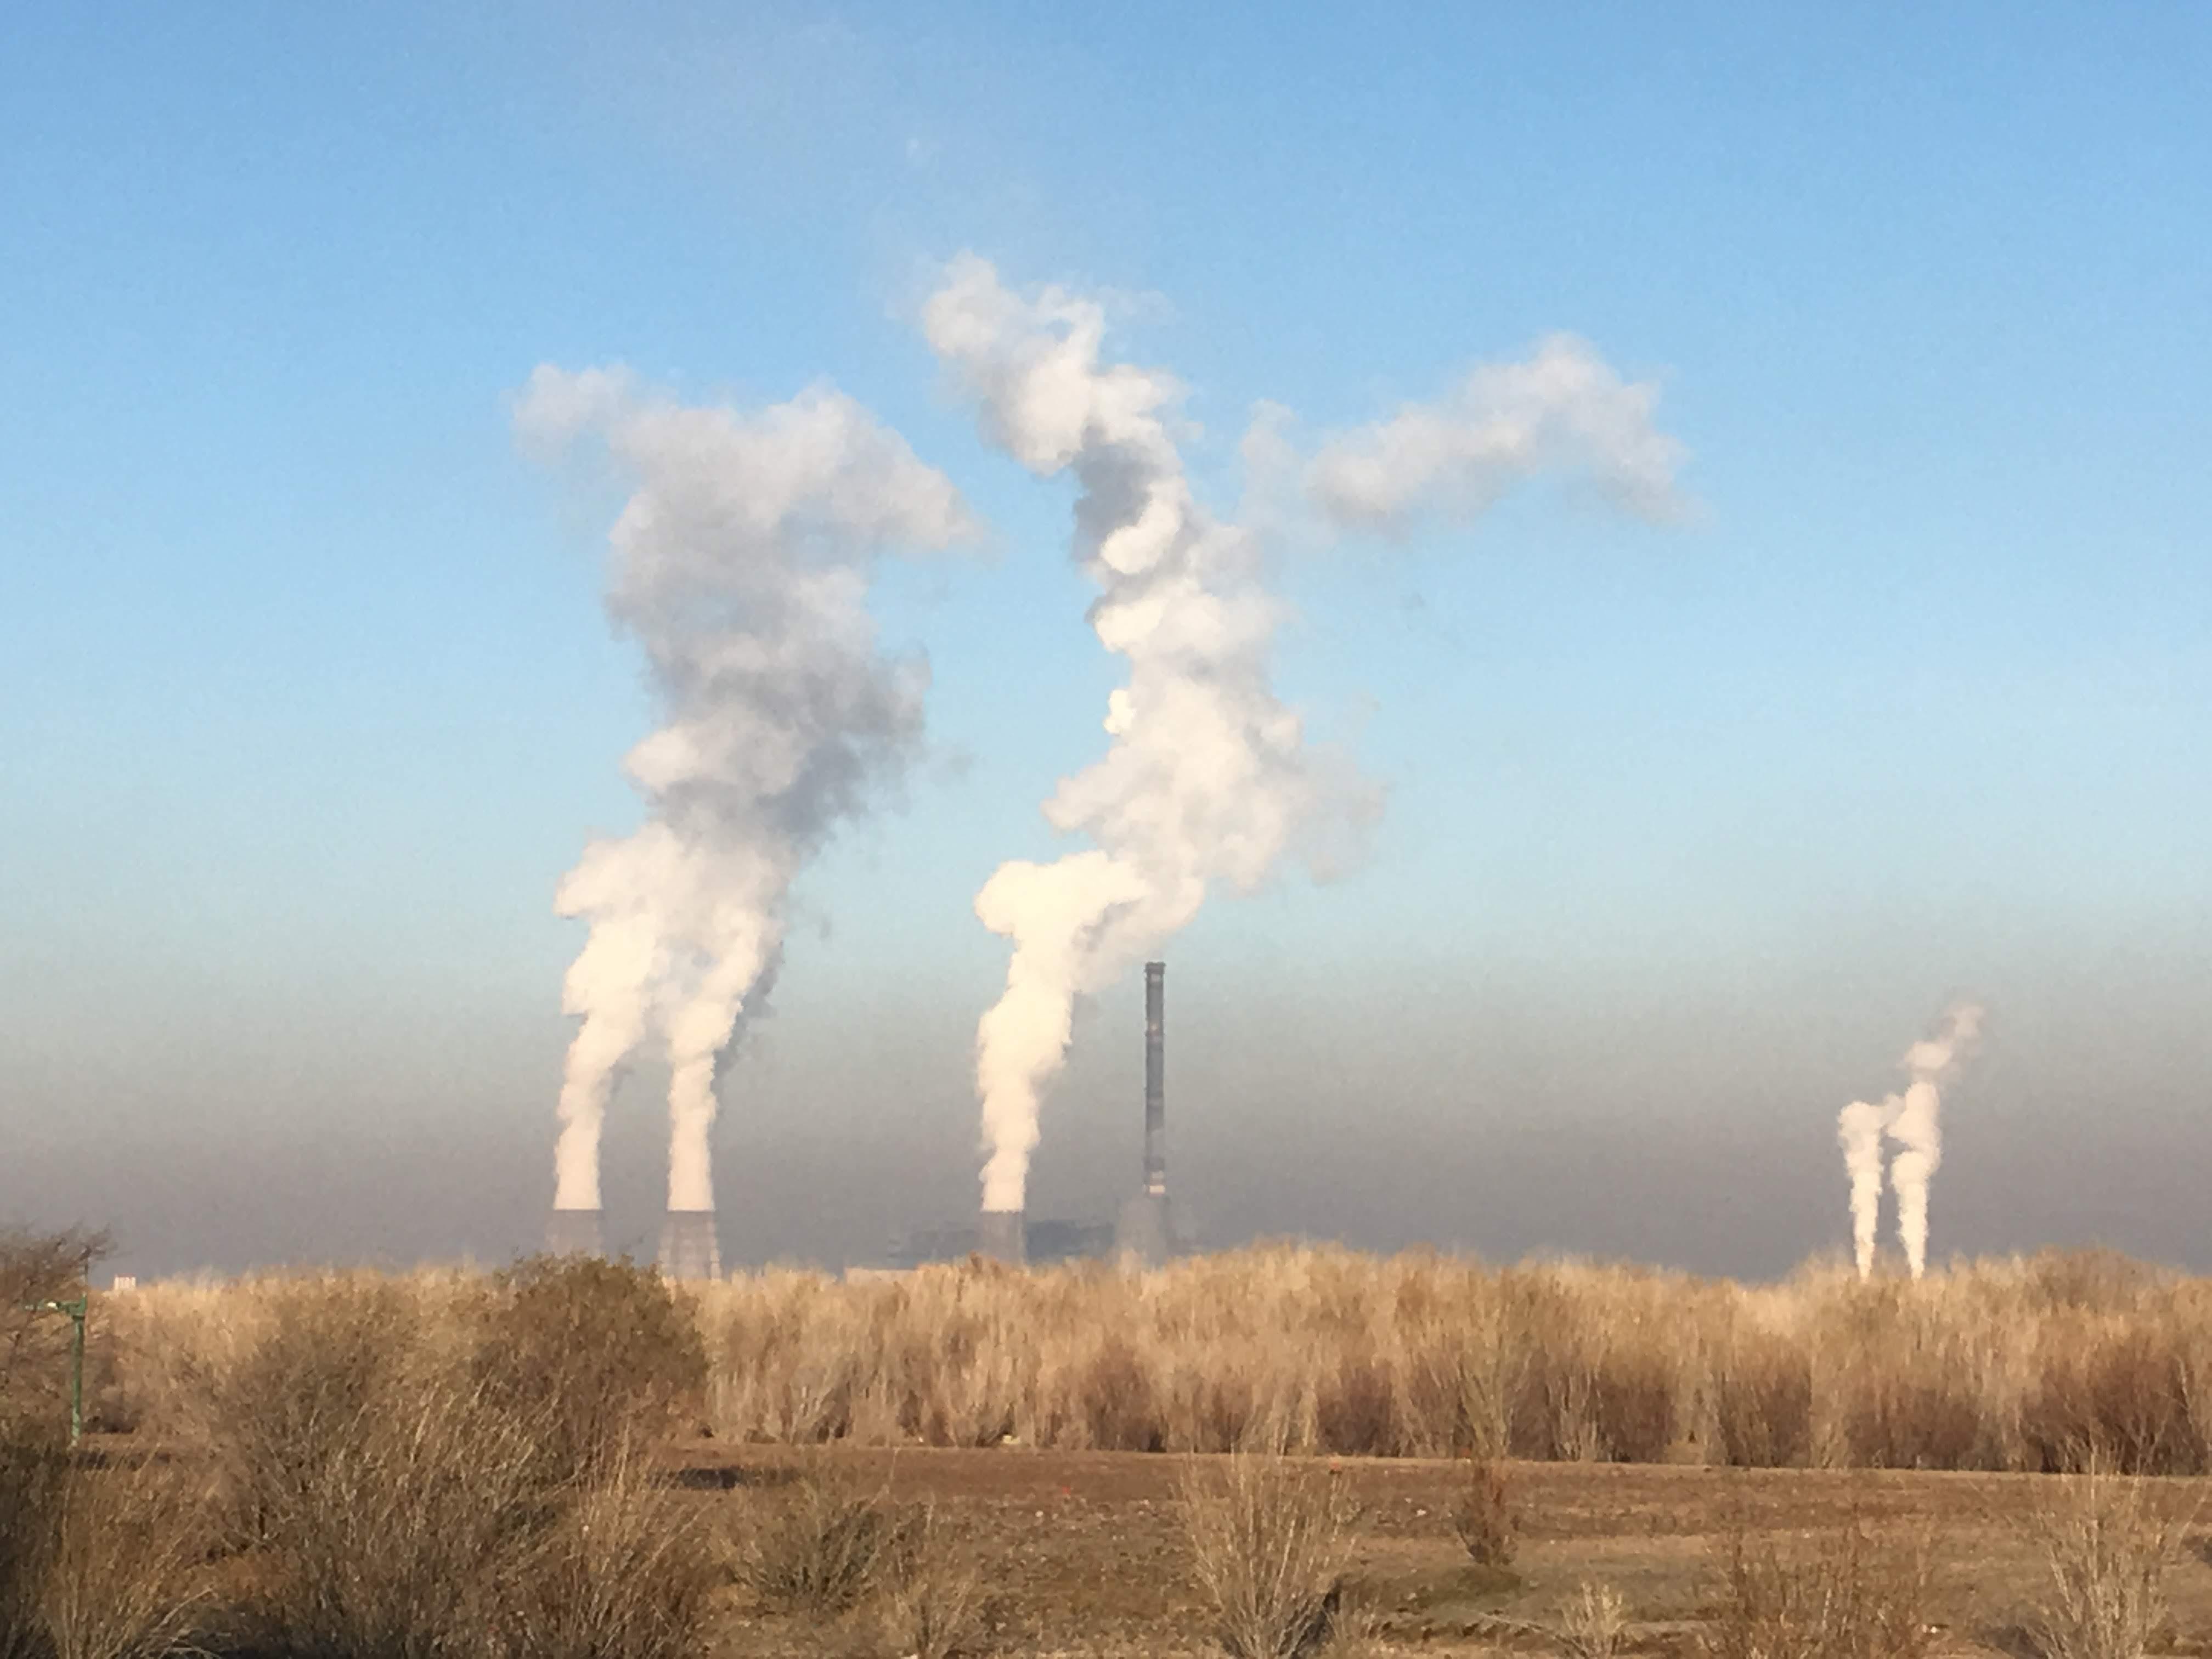 Ulaanbaatar smog in 2017